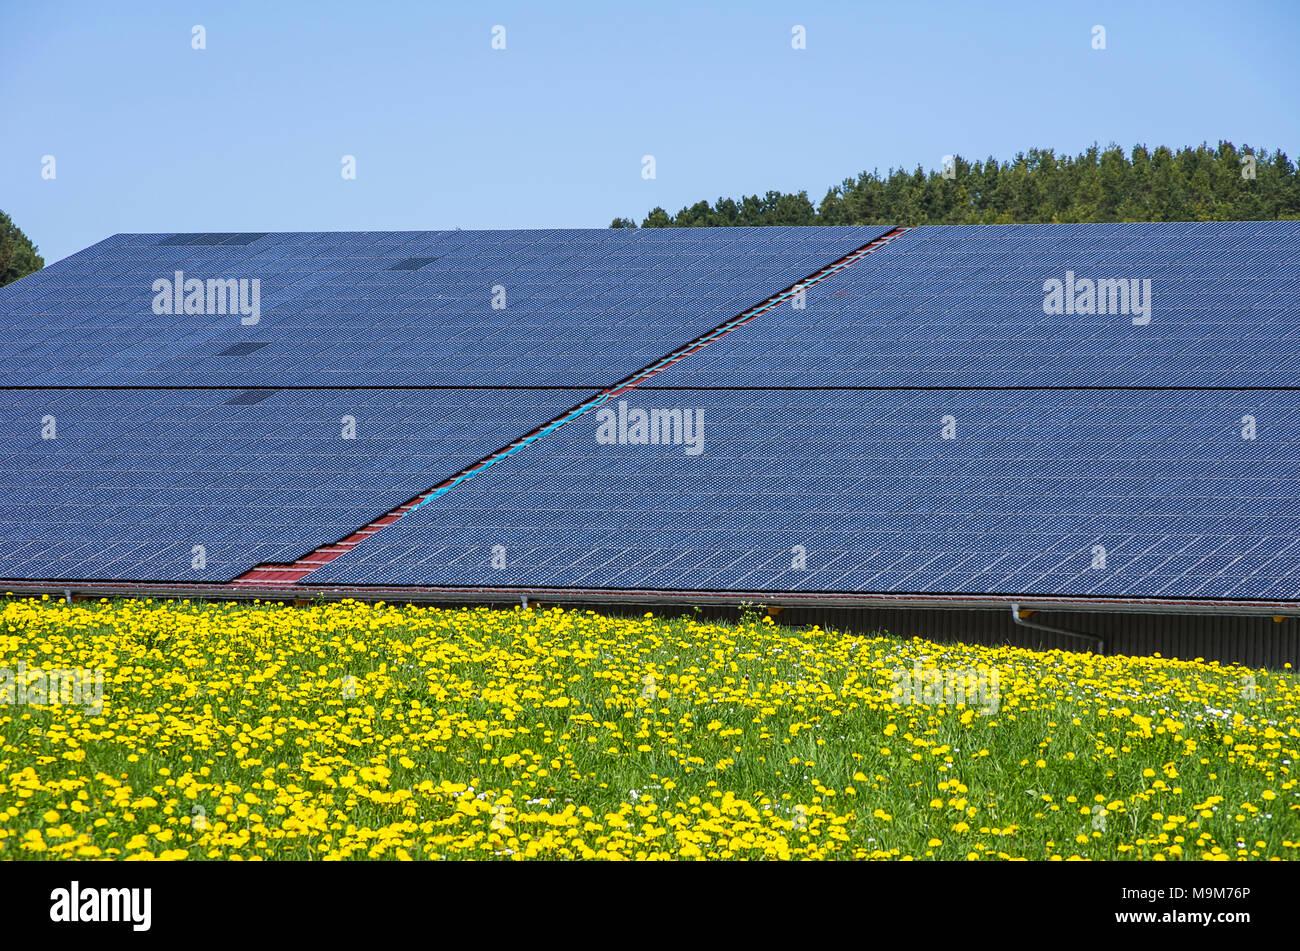 Solarzellen auf Dächer bieten alternative, erneuerbare und Solarenergie. Stockbild